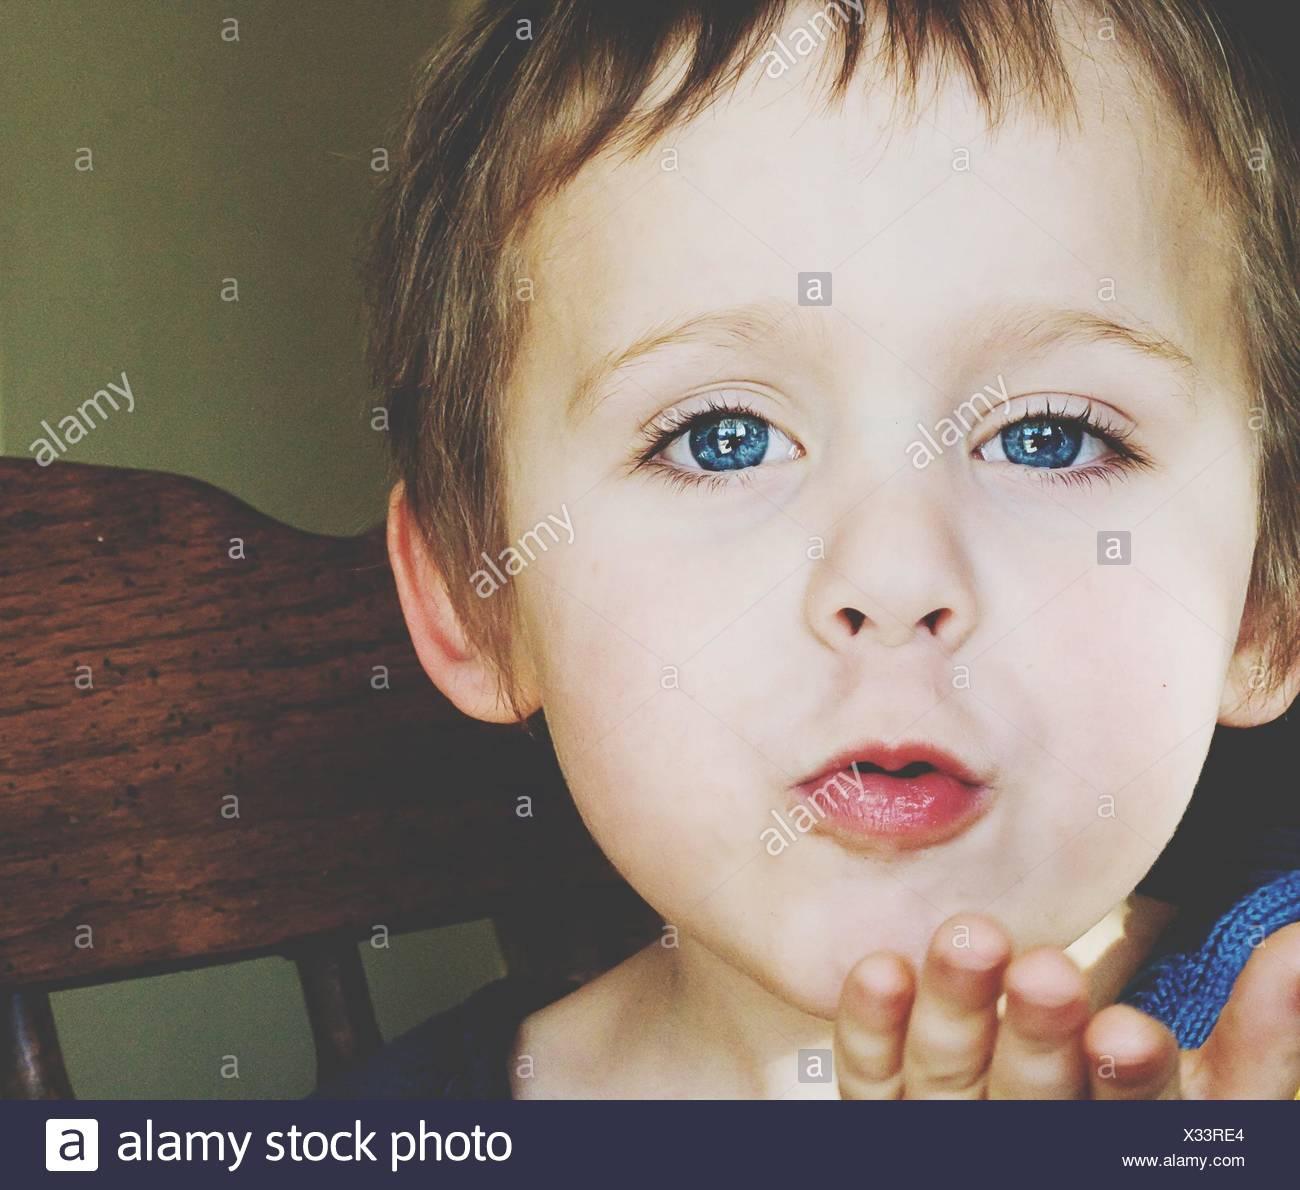 Ritratto di Carino Blue Eyed Boy soffia un bacio Foto Stock